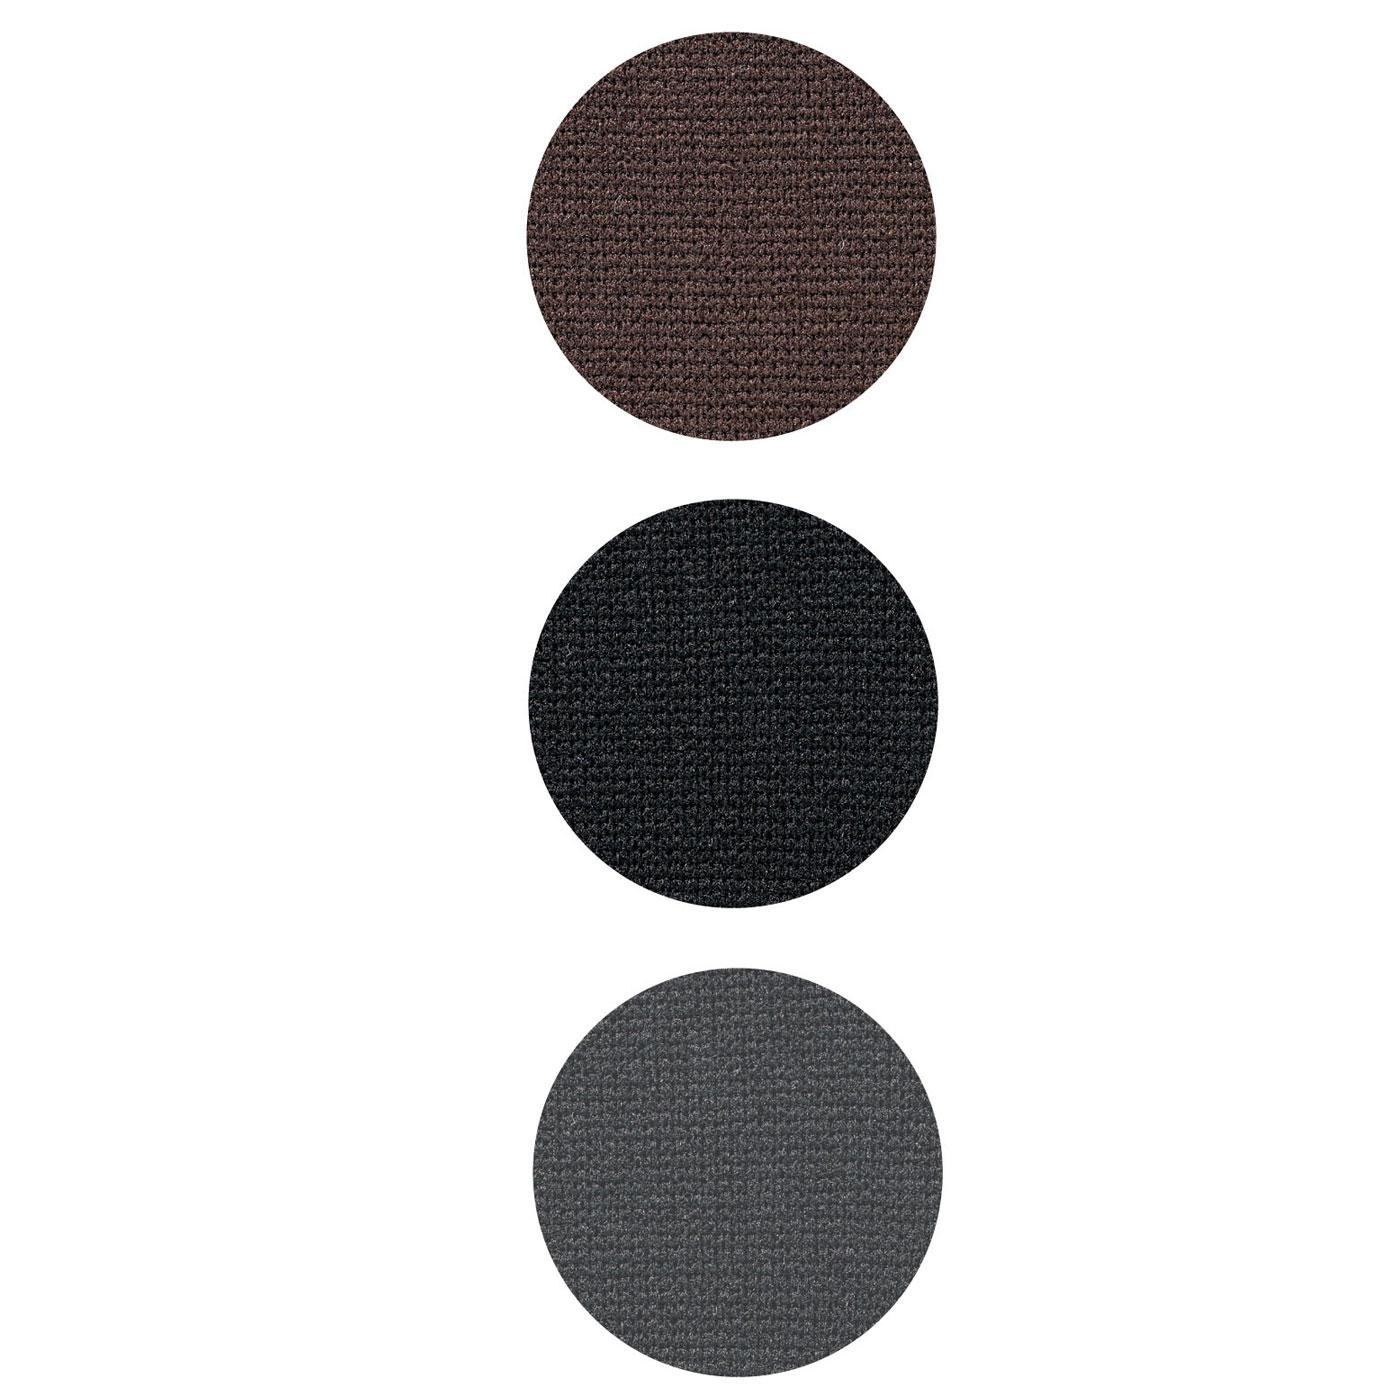 〈ブラウン〉〈ブラック〉〈ダークグレー〉の3色展開。